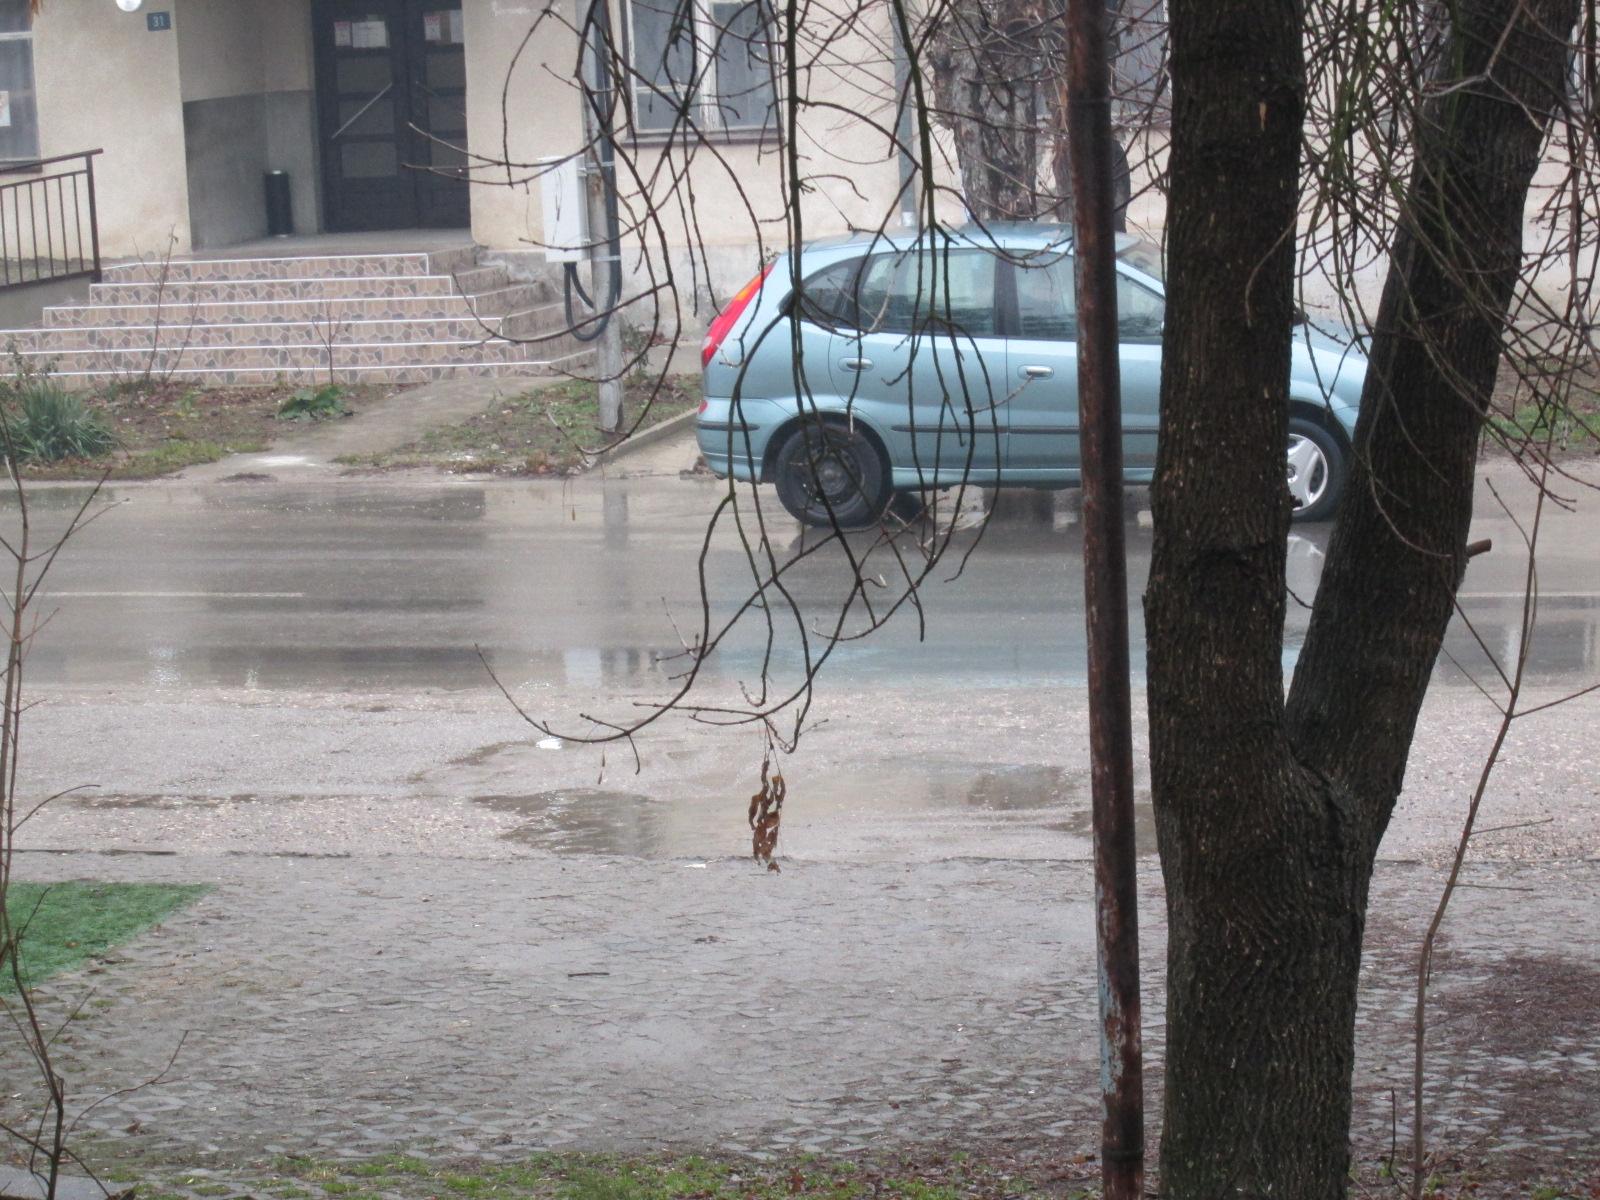 Данас кишовито, какво нас време очекује у идућих осам дана?